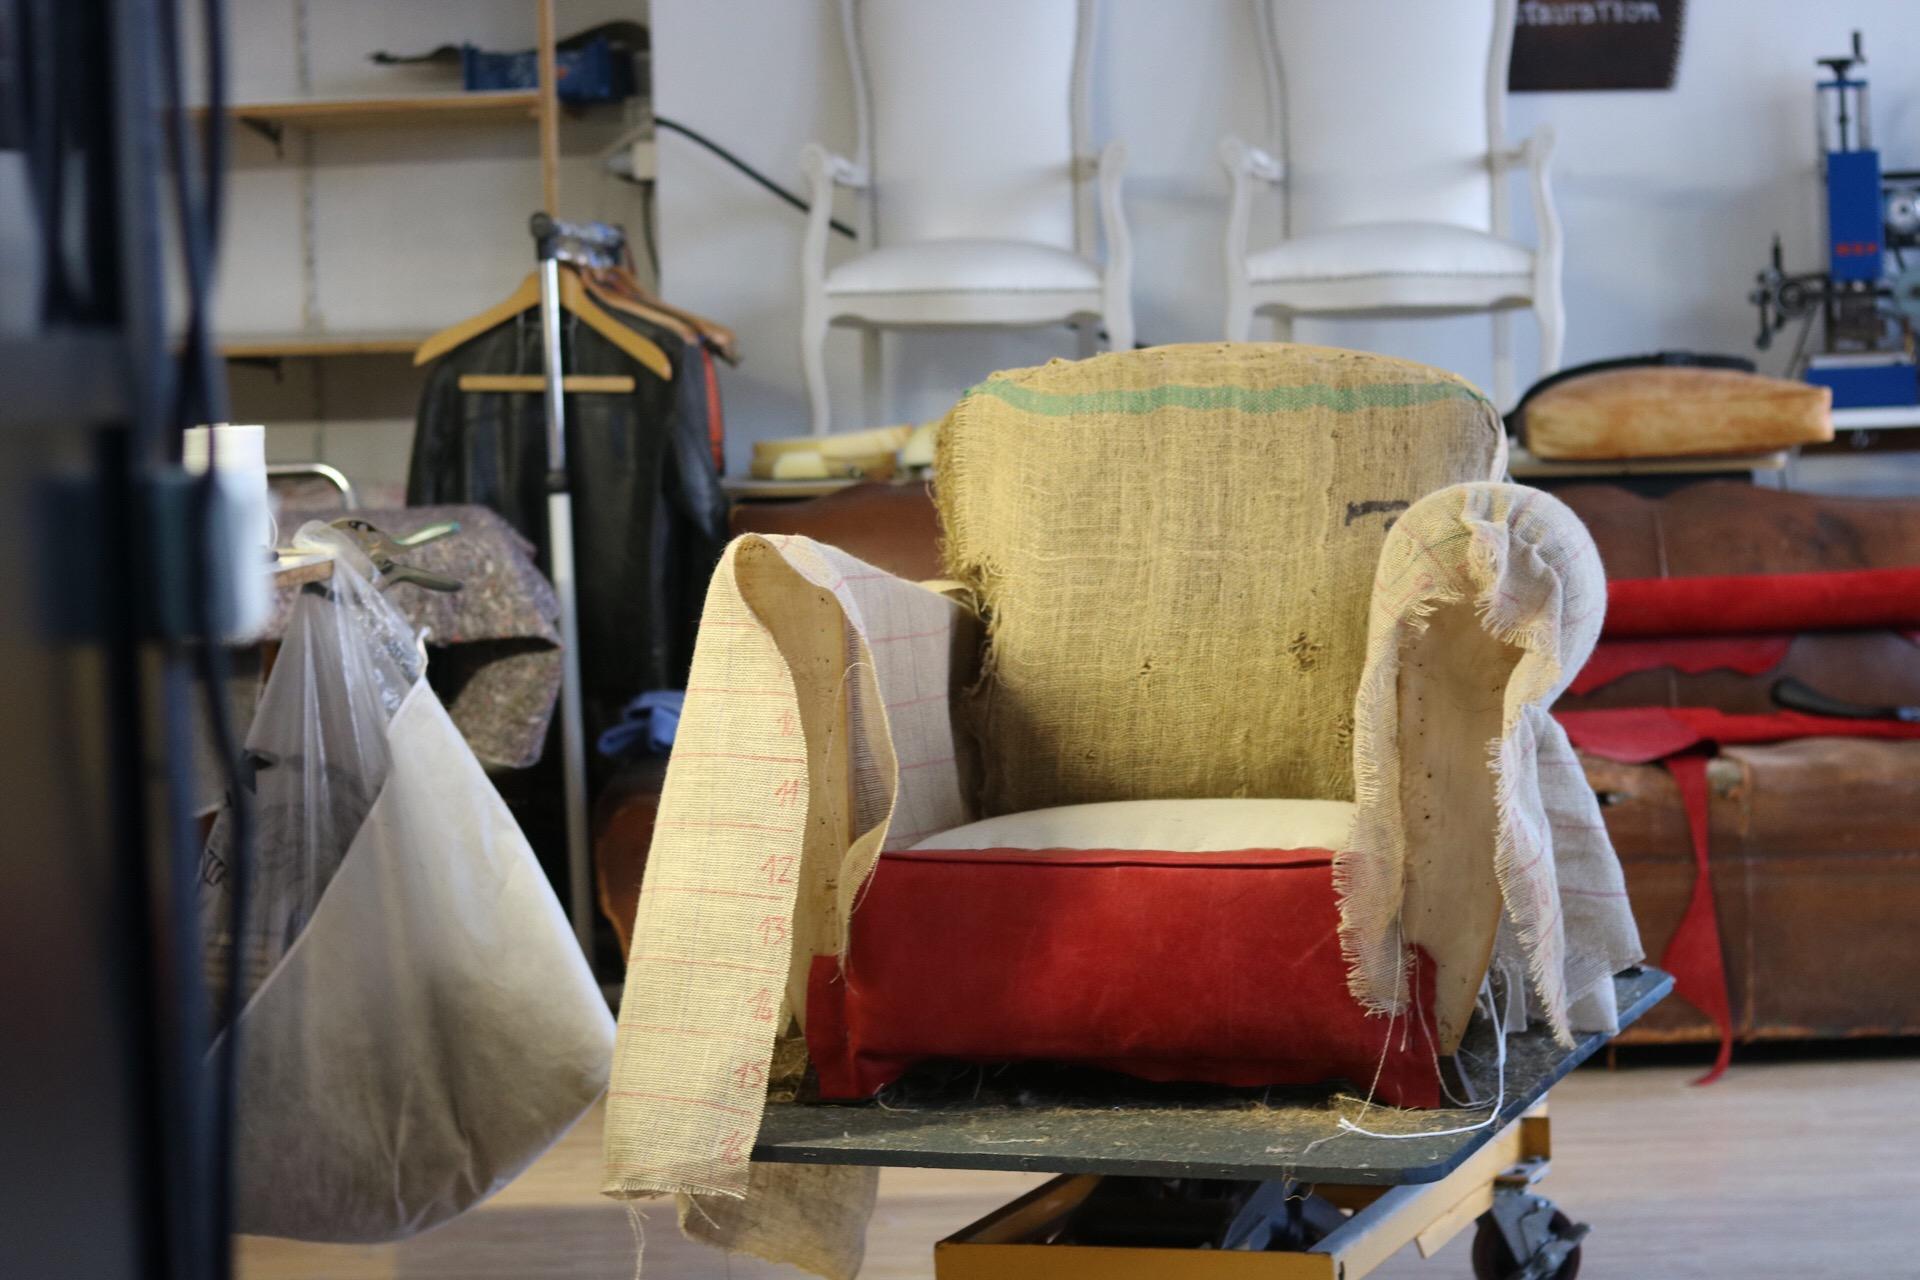 Fauteuil Club A Restaurer fauteuils club restauration, rénovation, changement de cuir